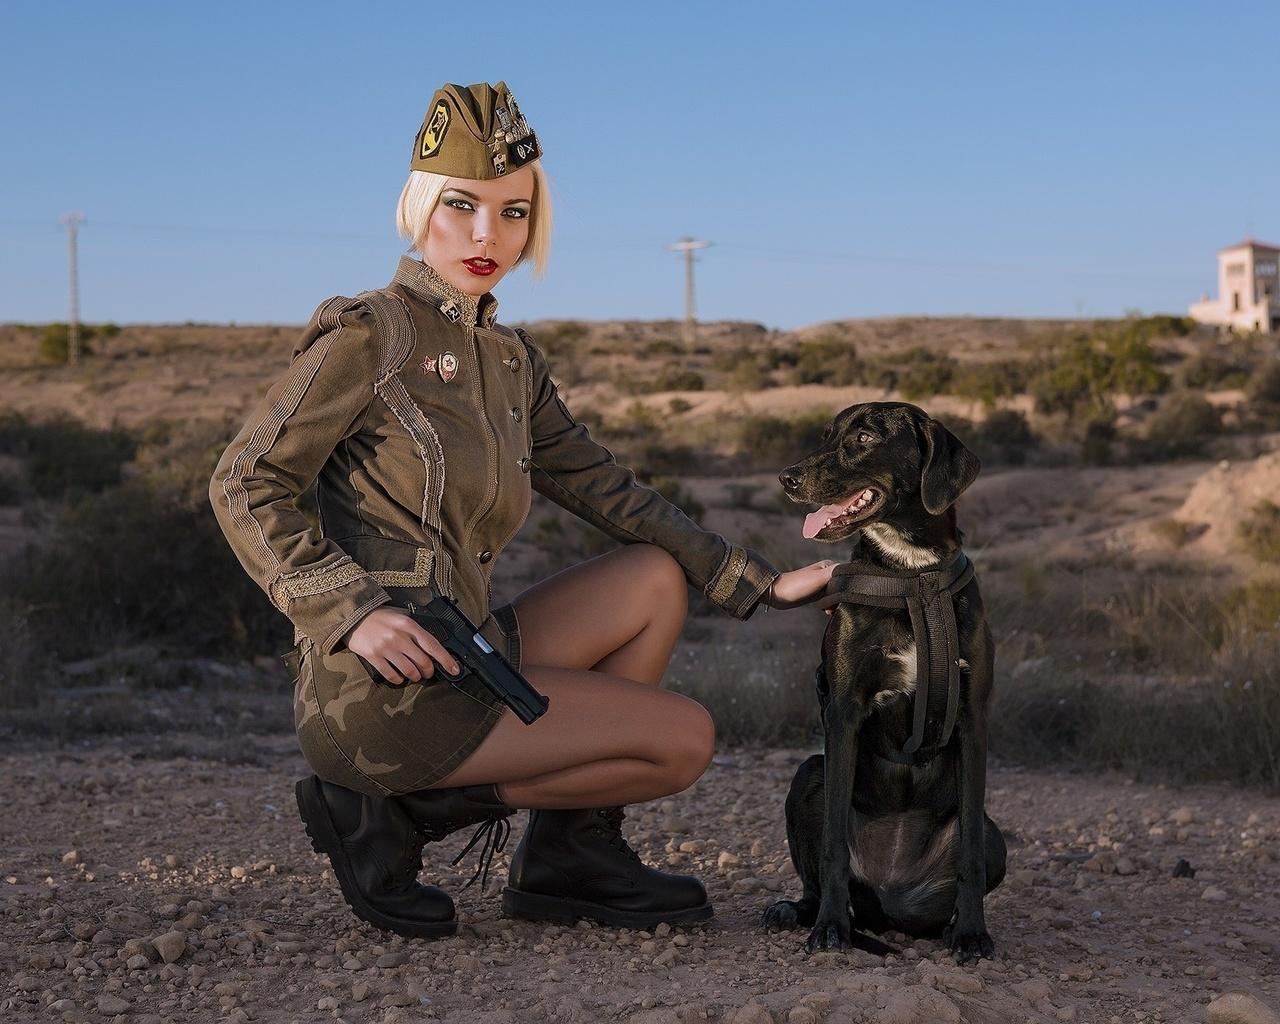 Телки в военной форме, Порно фото из категории Военные - 26 эротических фото 26 фотография